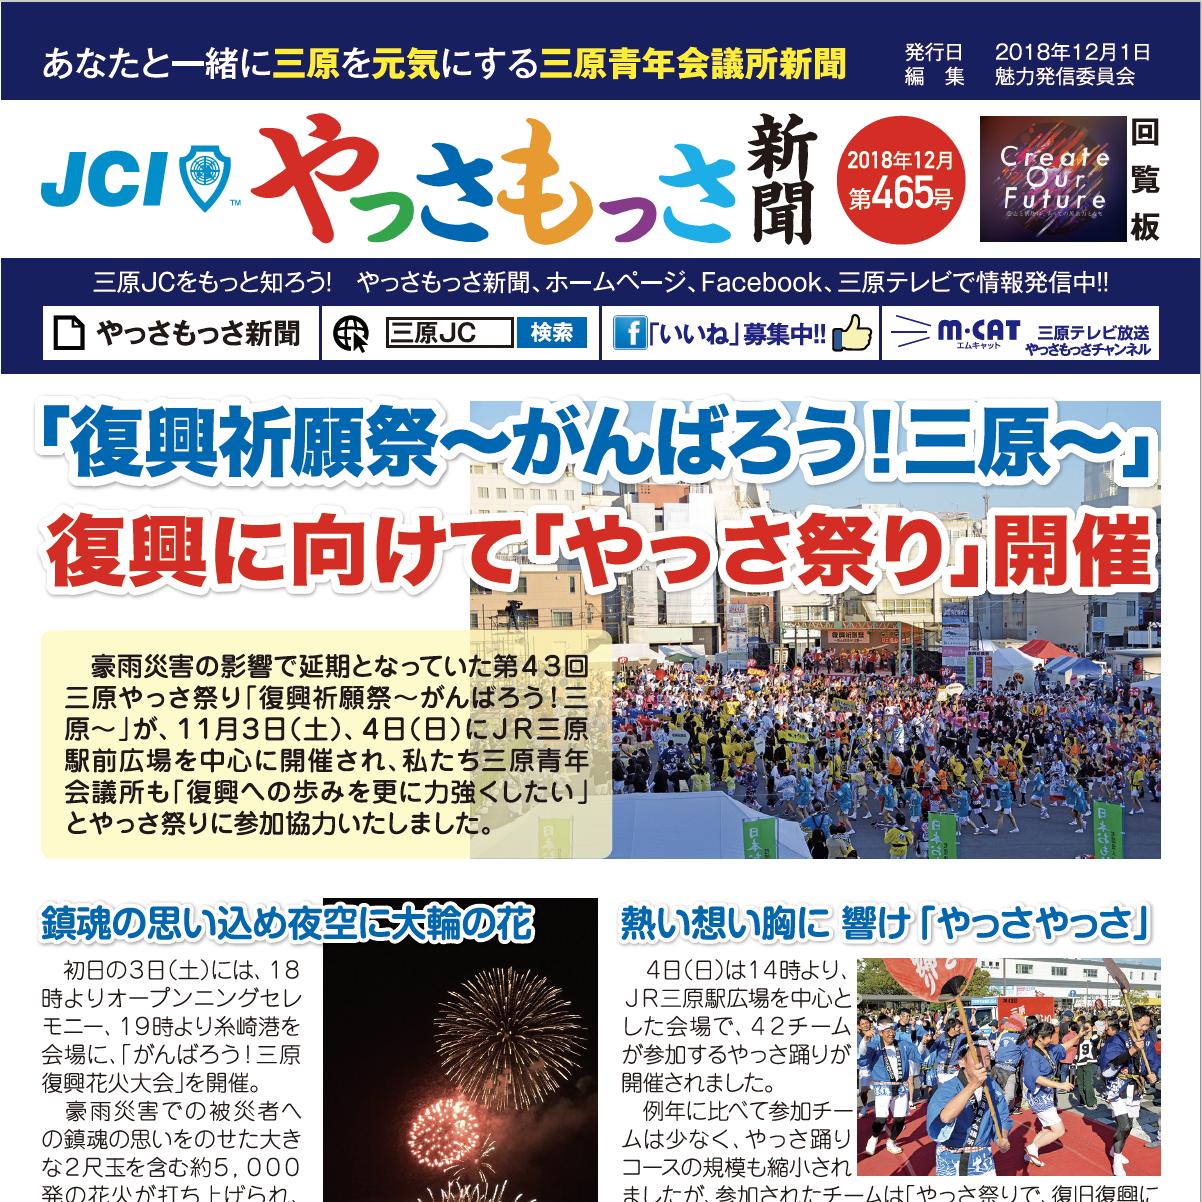 三原青年会議所新聞 やっさもっさ 第465号(12月号)のご案内